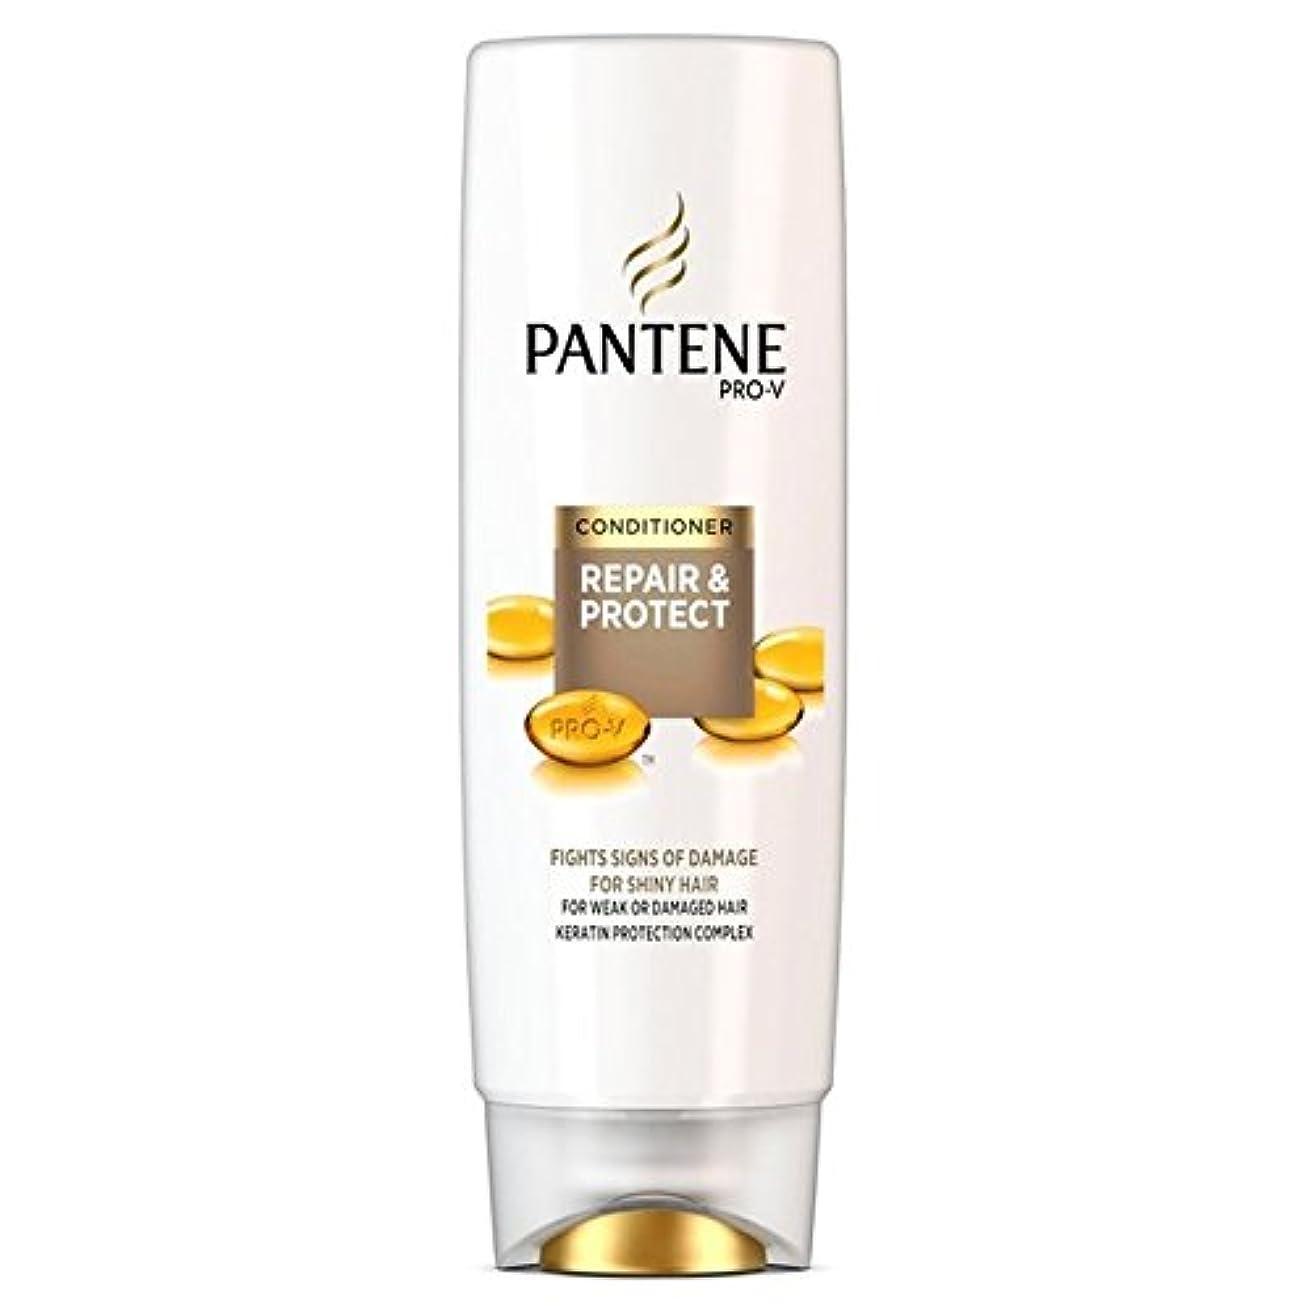 不潔排他的悪意パンテーンコンディショナーの修理&弱いか、傷んだ髪の250ミリリットルのための保護 x4 - Pantene Conditioner Repair & Protect For Weak Or Damaged Hair 250ml (Pack of 4) [並行輸入品]